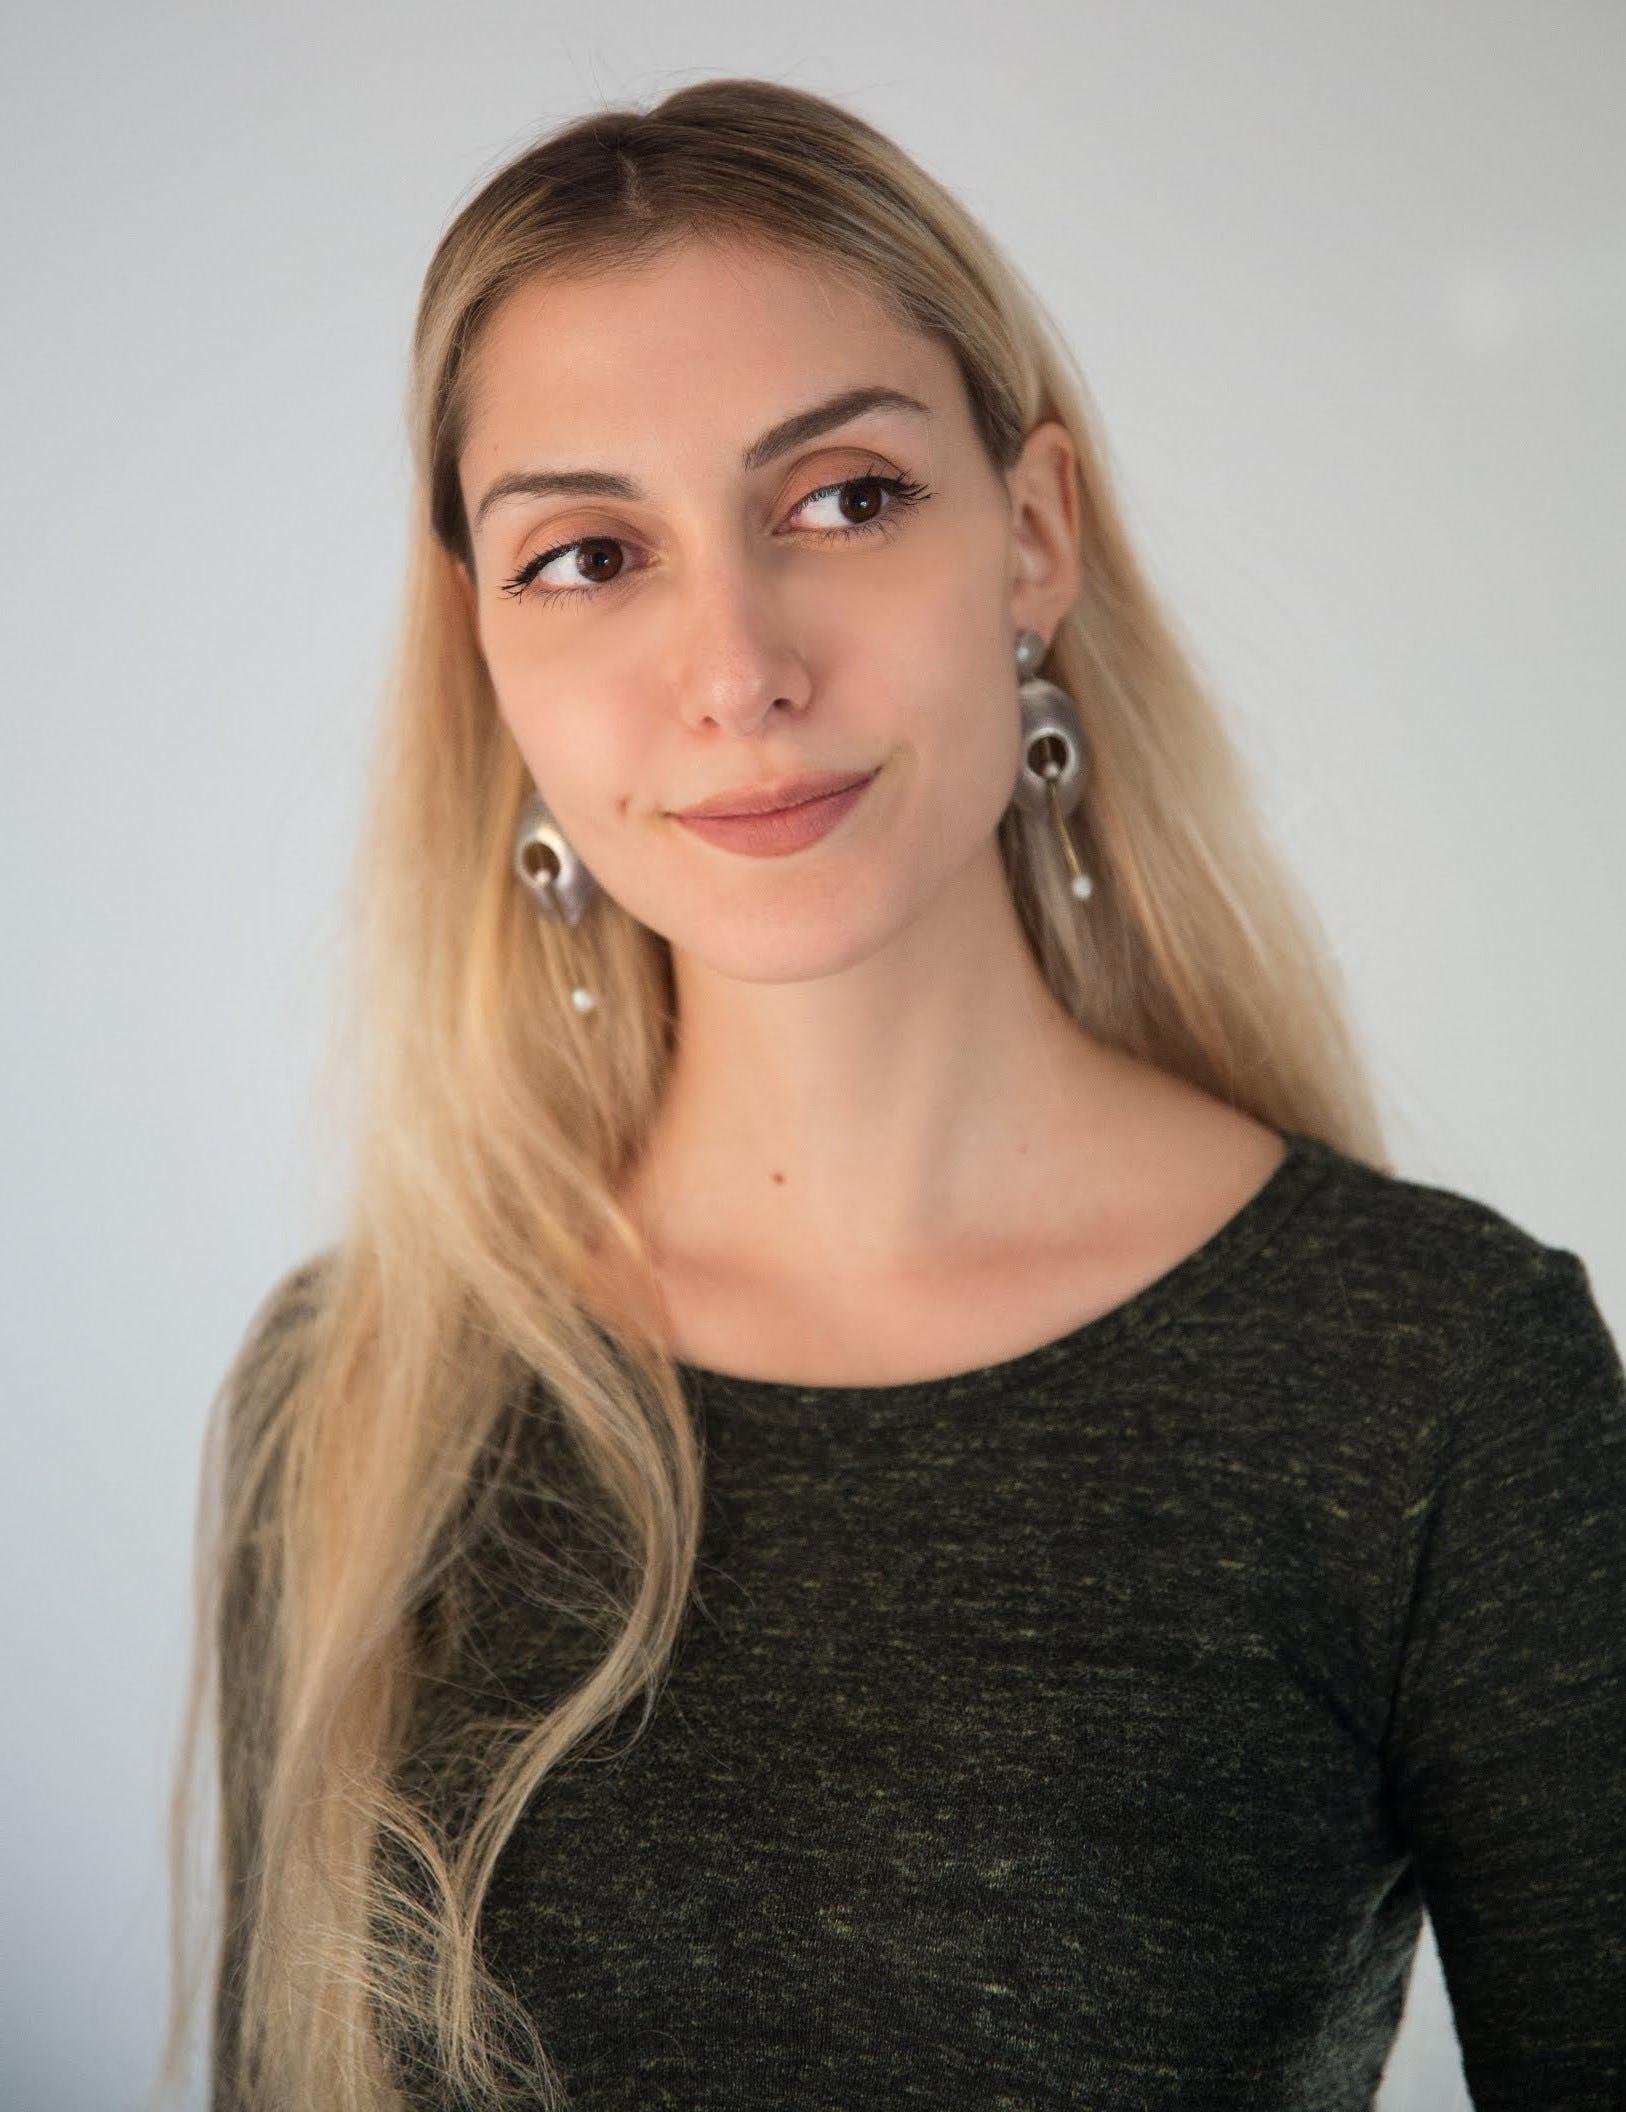 Blode girl with dark shirt smiling, wearing earings